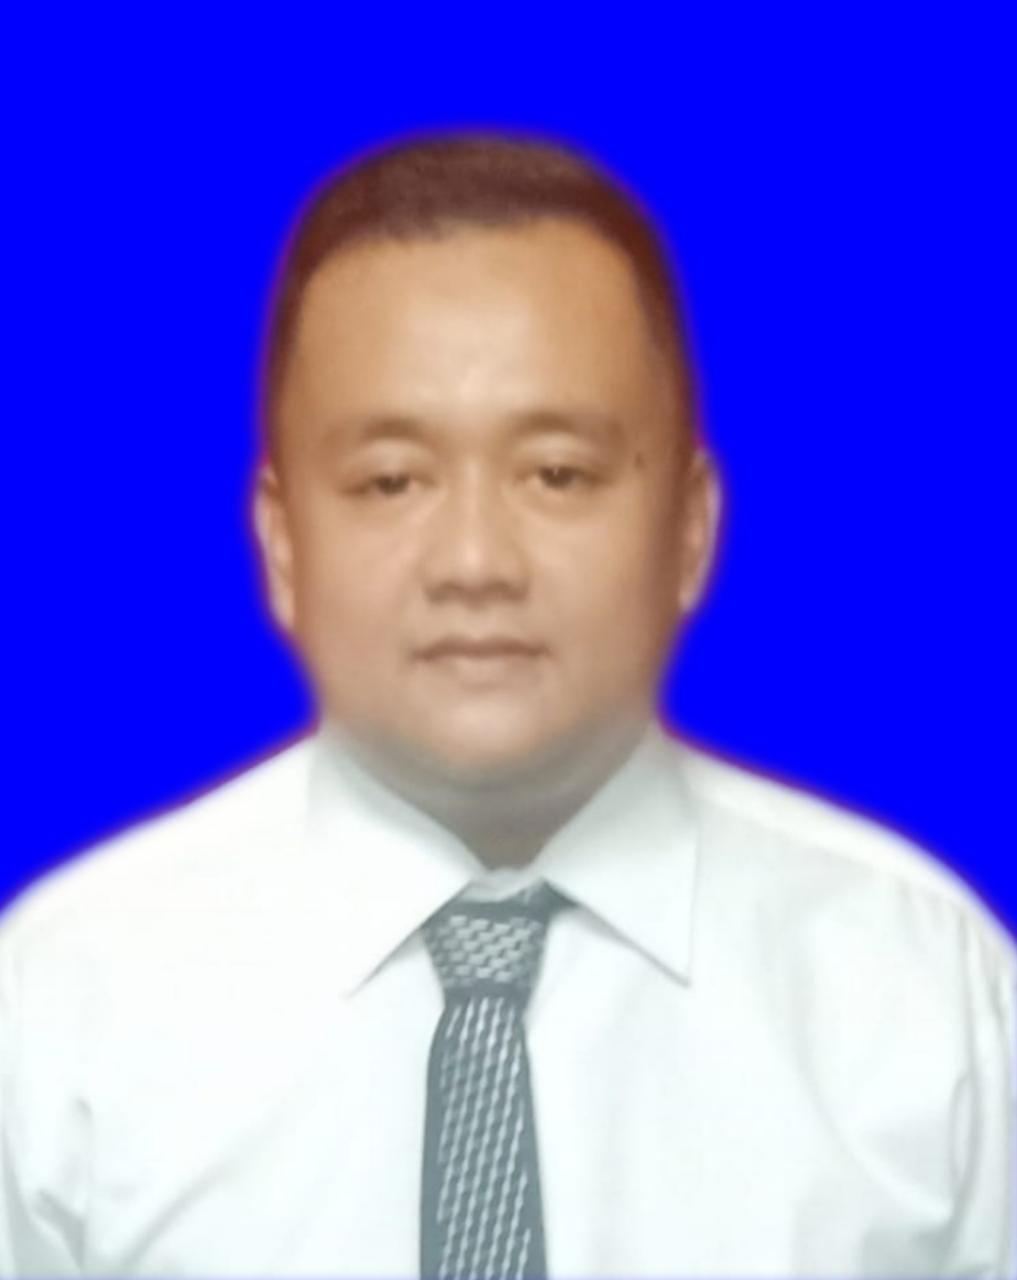 Mohammad Fauzan